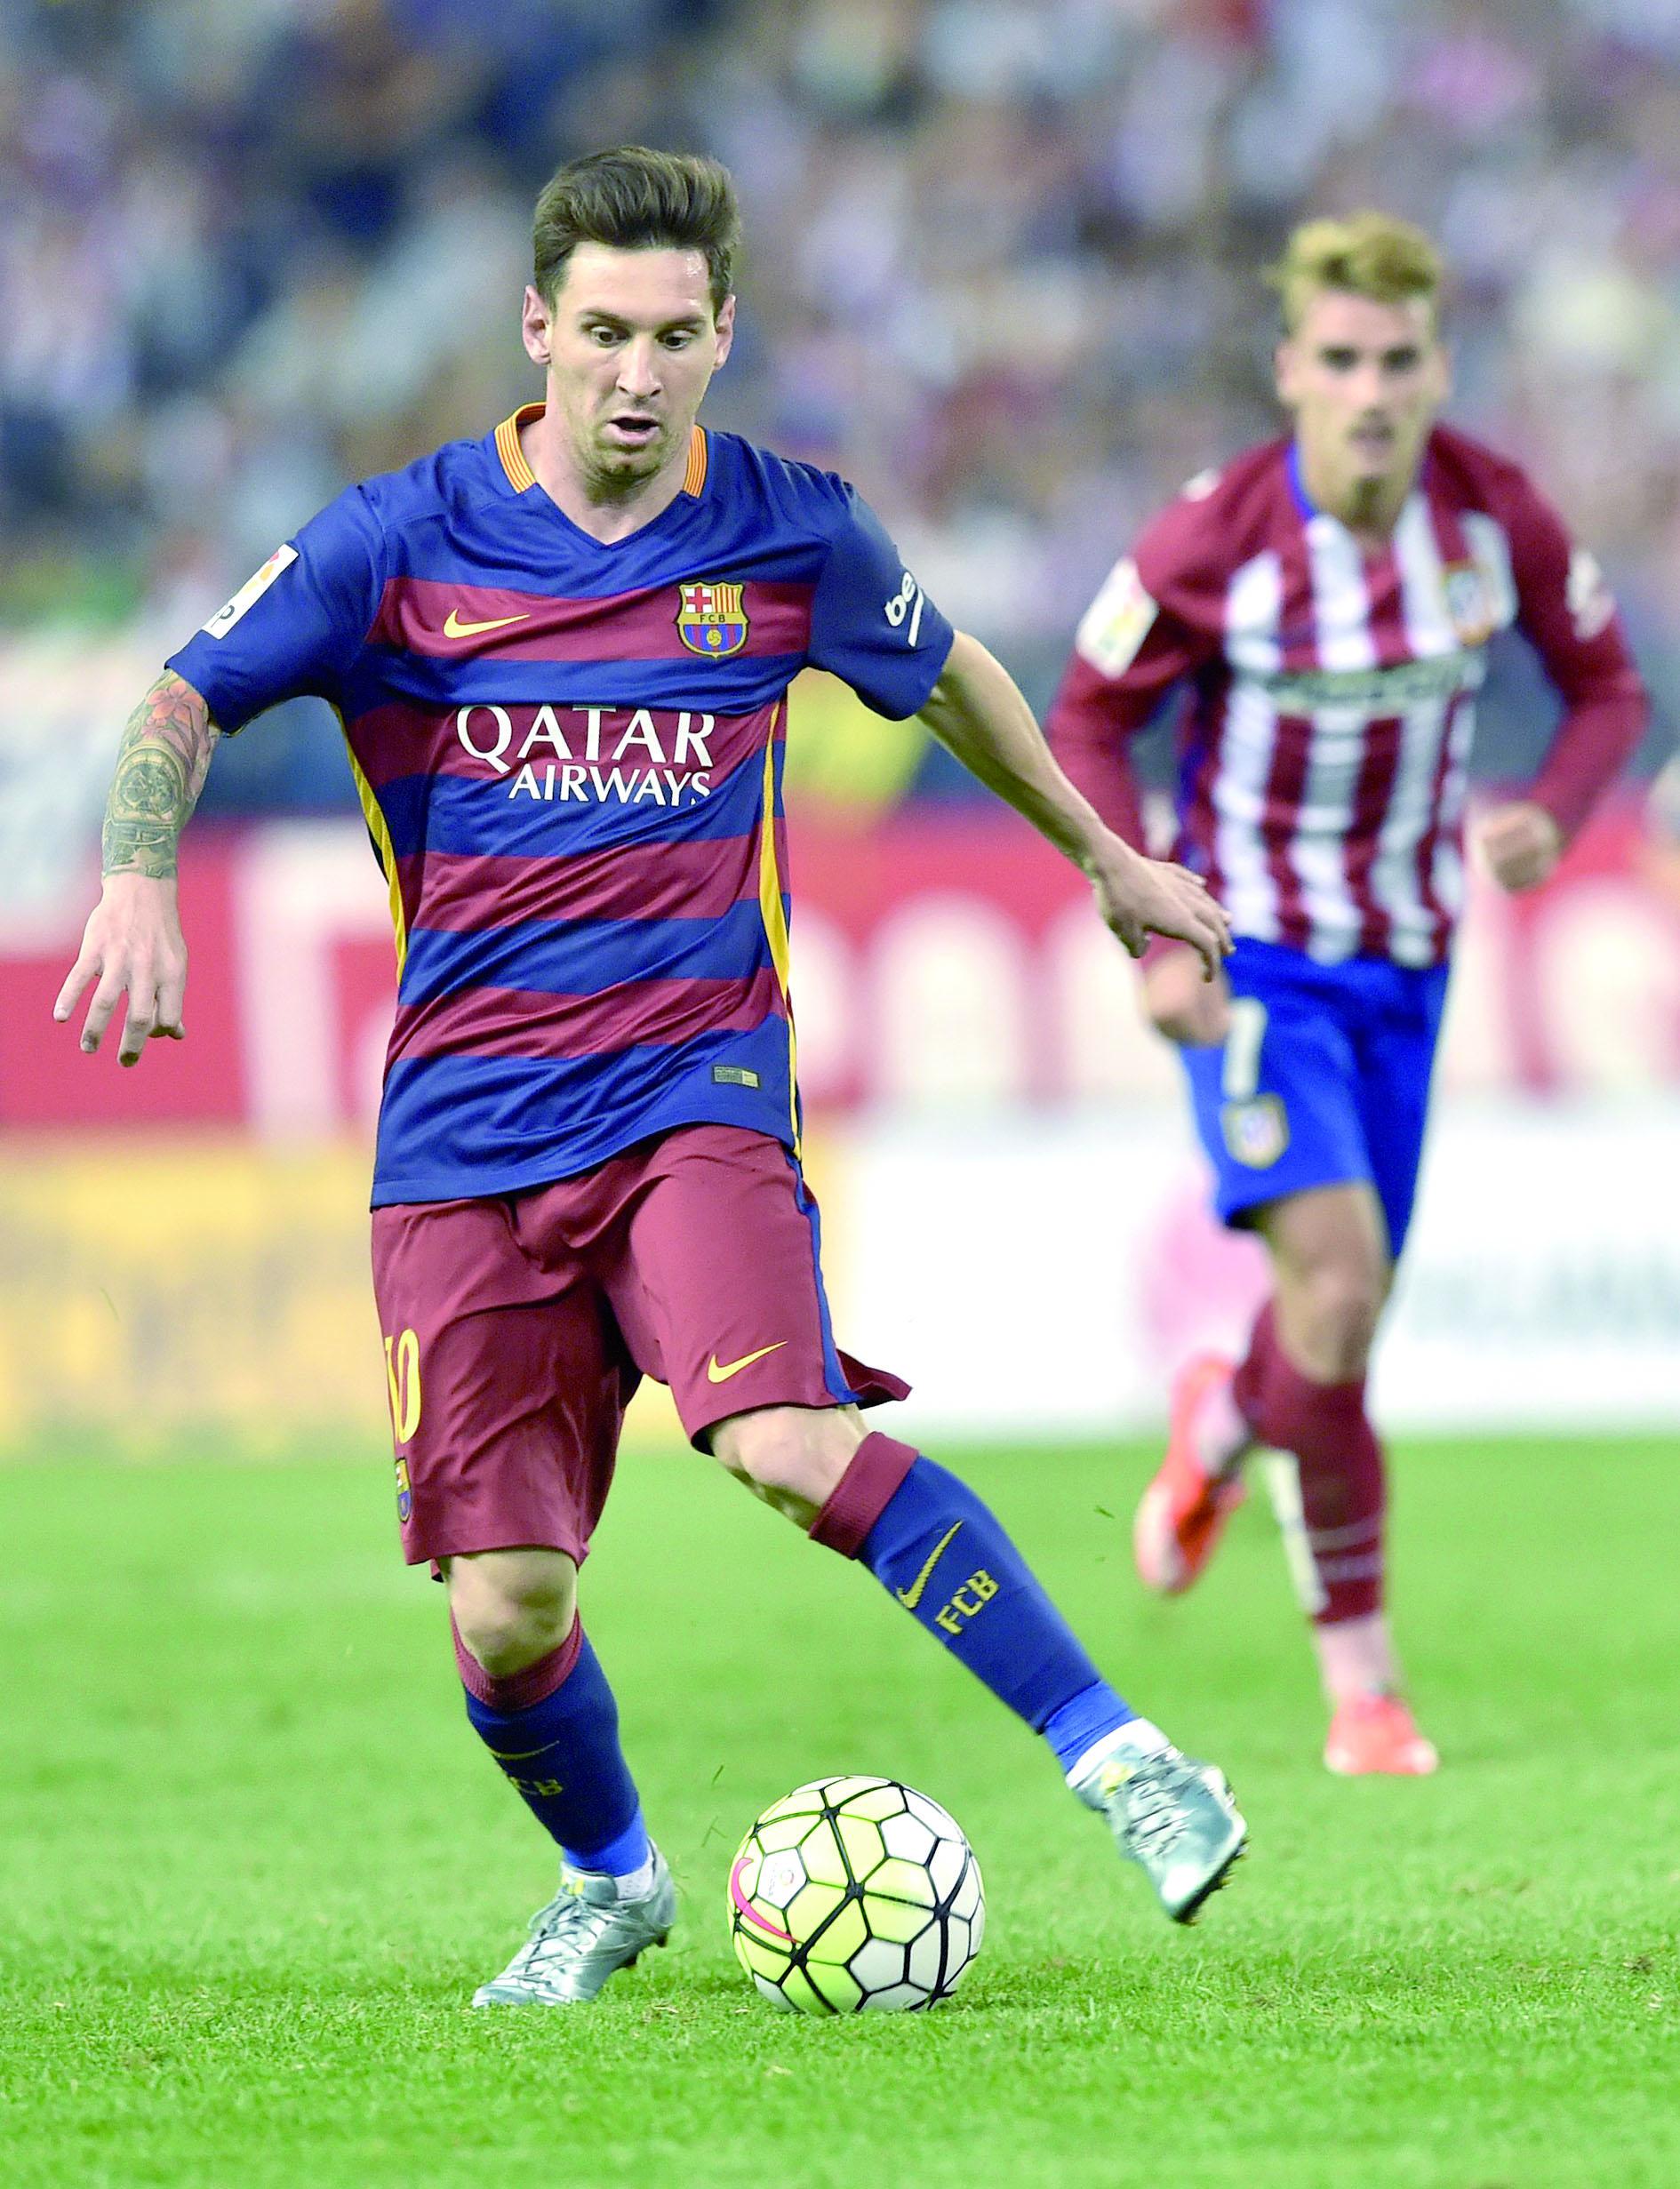 Lionel Messi père comblé, Christiano Ronaldo puissance cinq